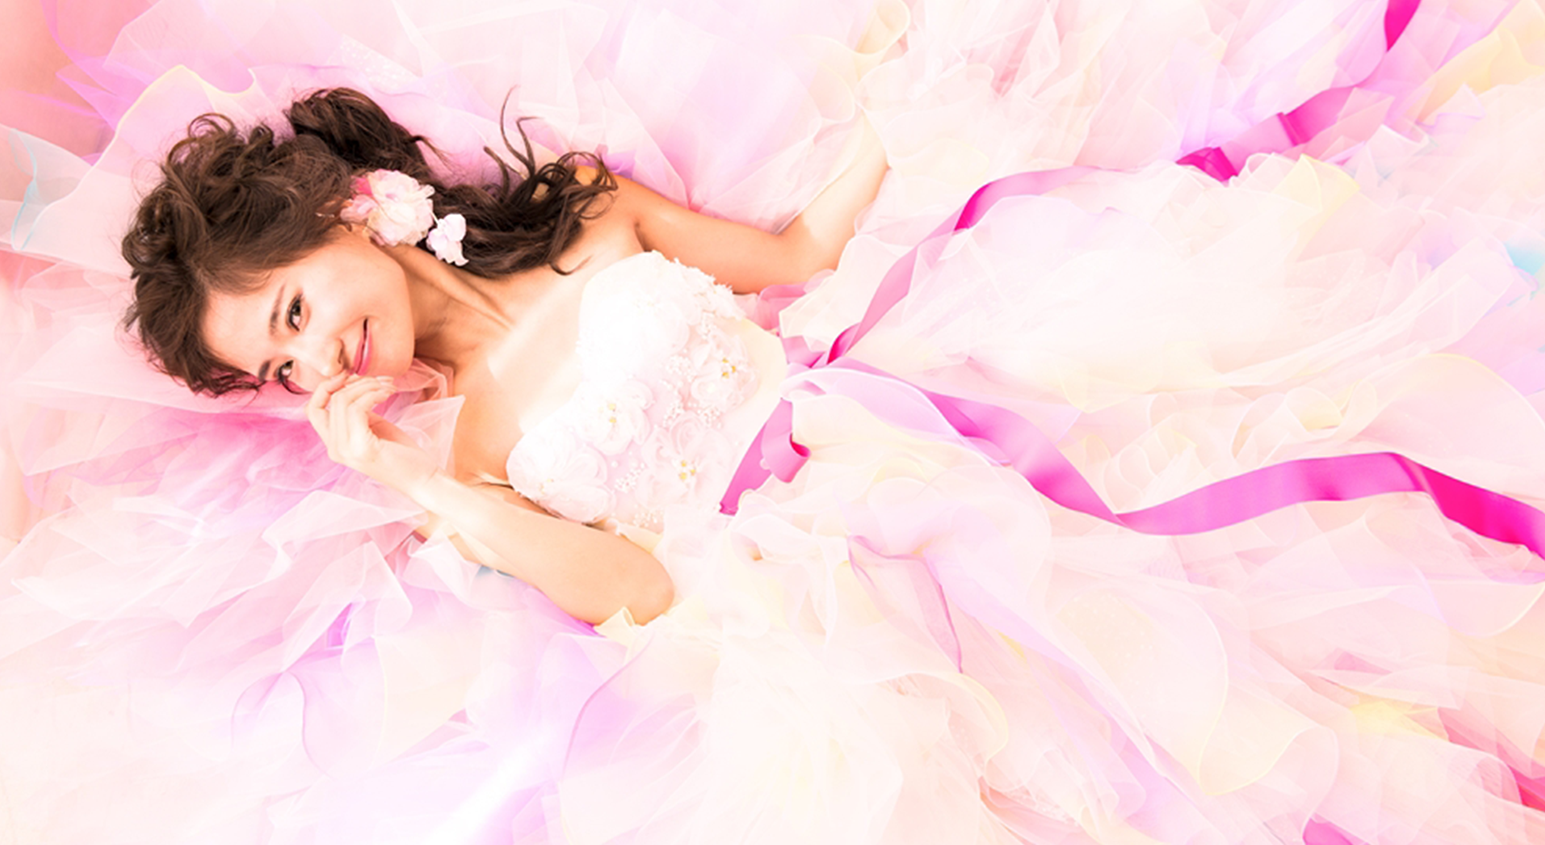 NEW!【2018 THE HANY】- Coralie コラリー | 高知県高知市の結婚式場ドリーマーベイシャトー